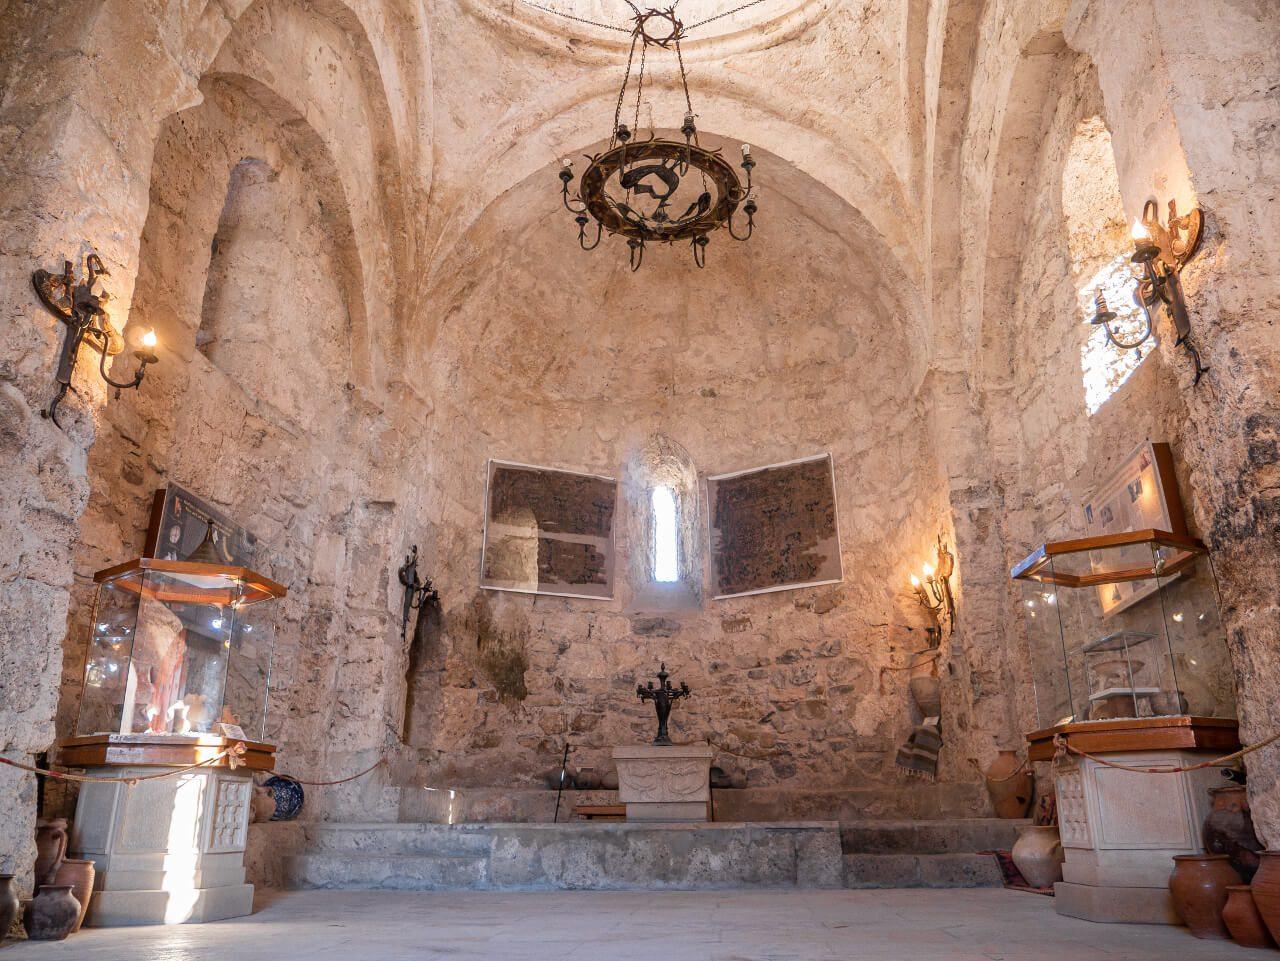 Kościół Albański wnętrze Azerbejdżan Kish